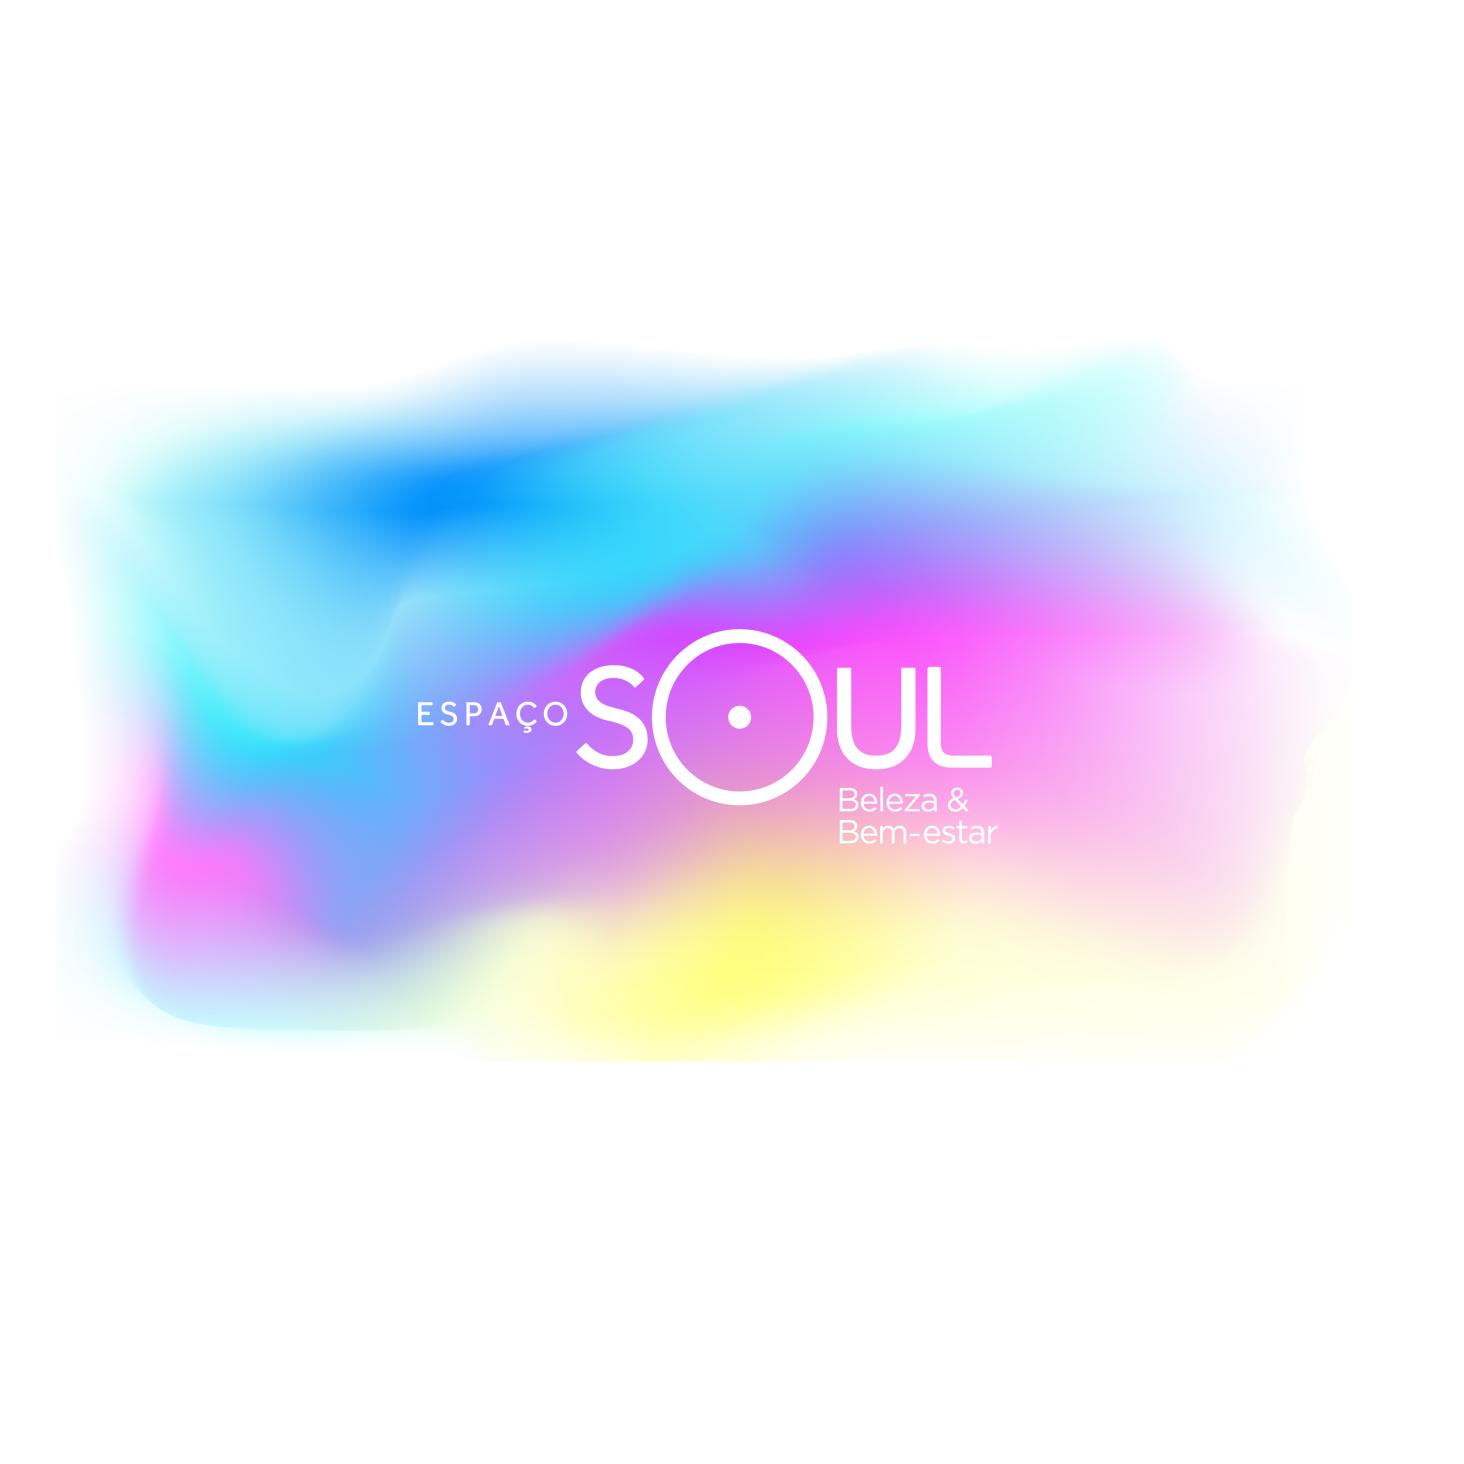 Recepção Espaço Soul